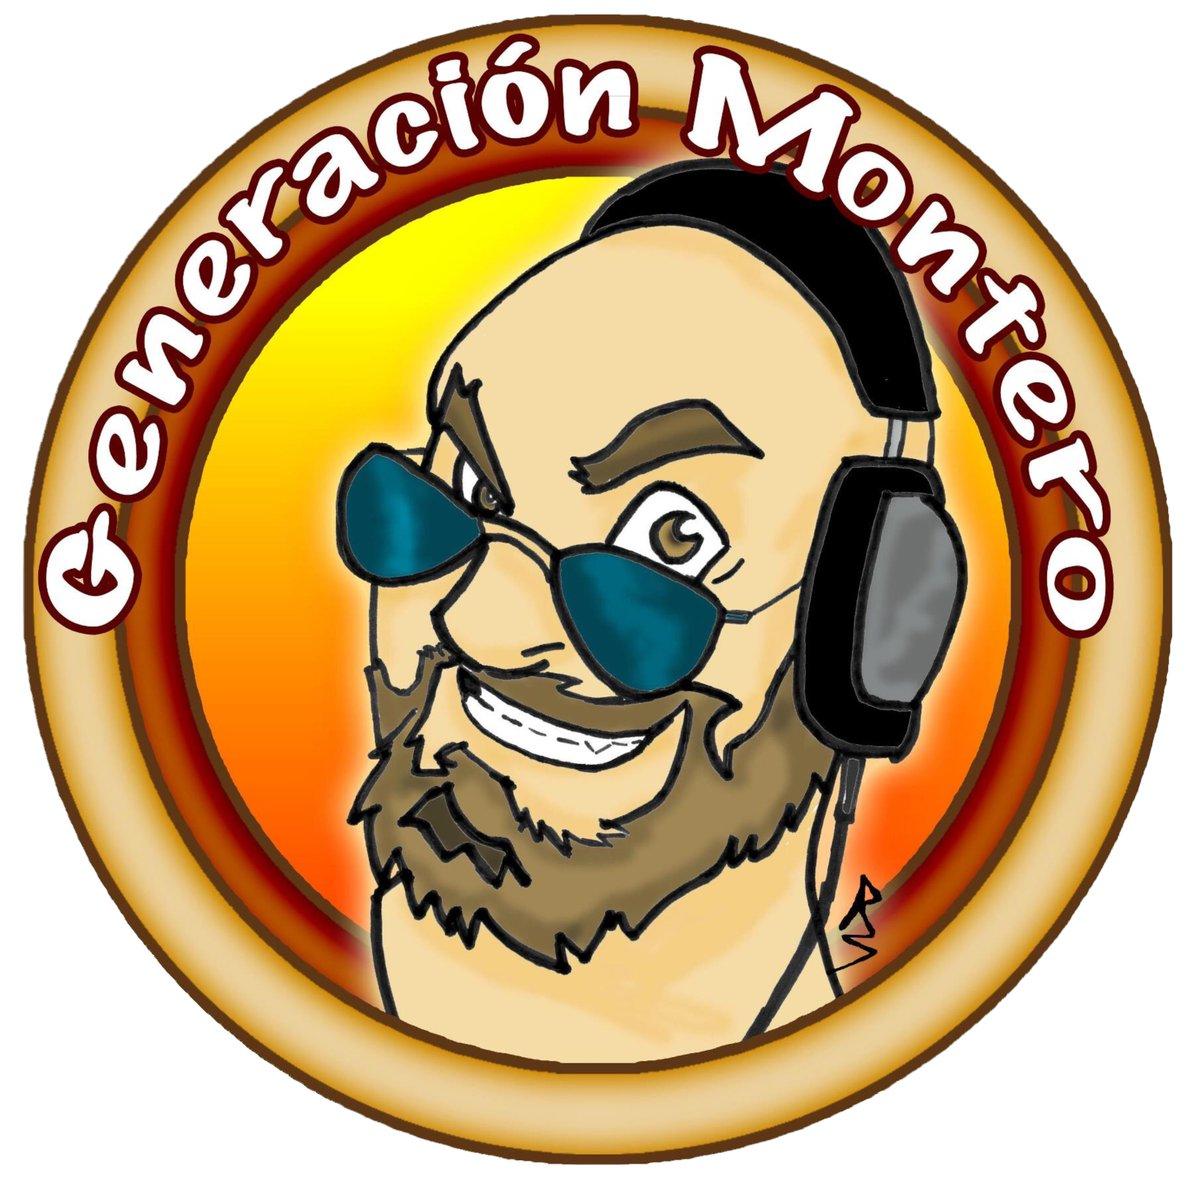 Generación Montero 16-02-2018